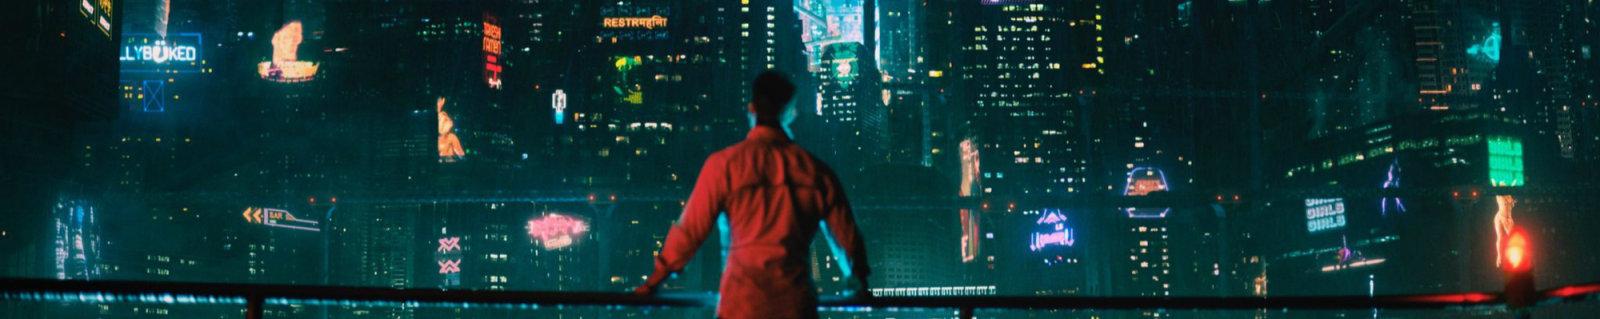 Netflix发布科幻新剧《副本》正式预告,将于2月2日全面上线